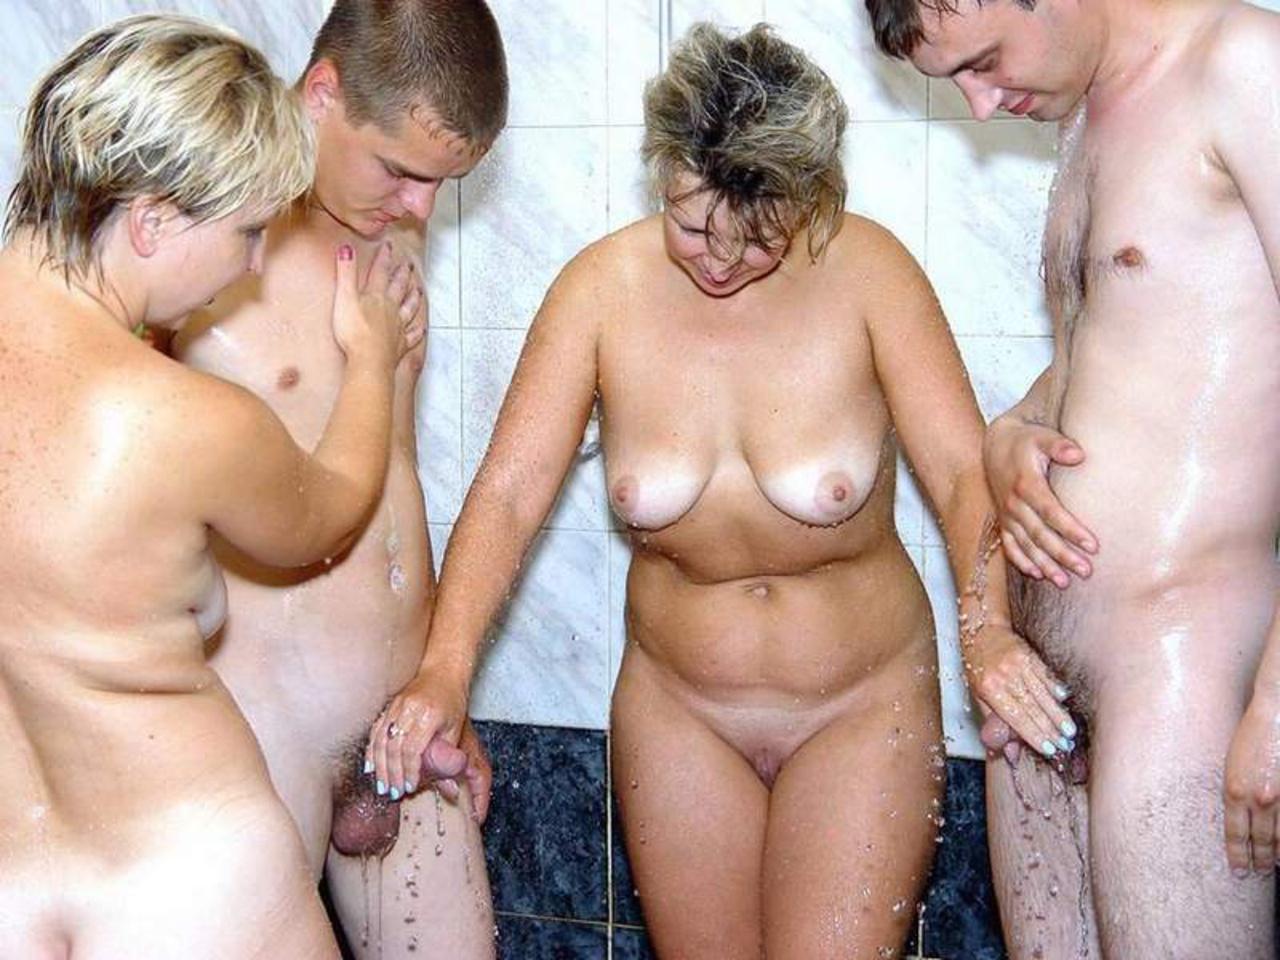 Фото ню сын с мамой в бане, Мамка с роскошным телом парится в бане - порно фото 9 фотография